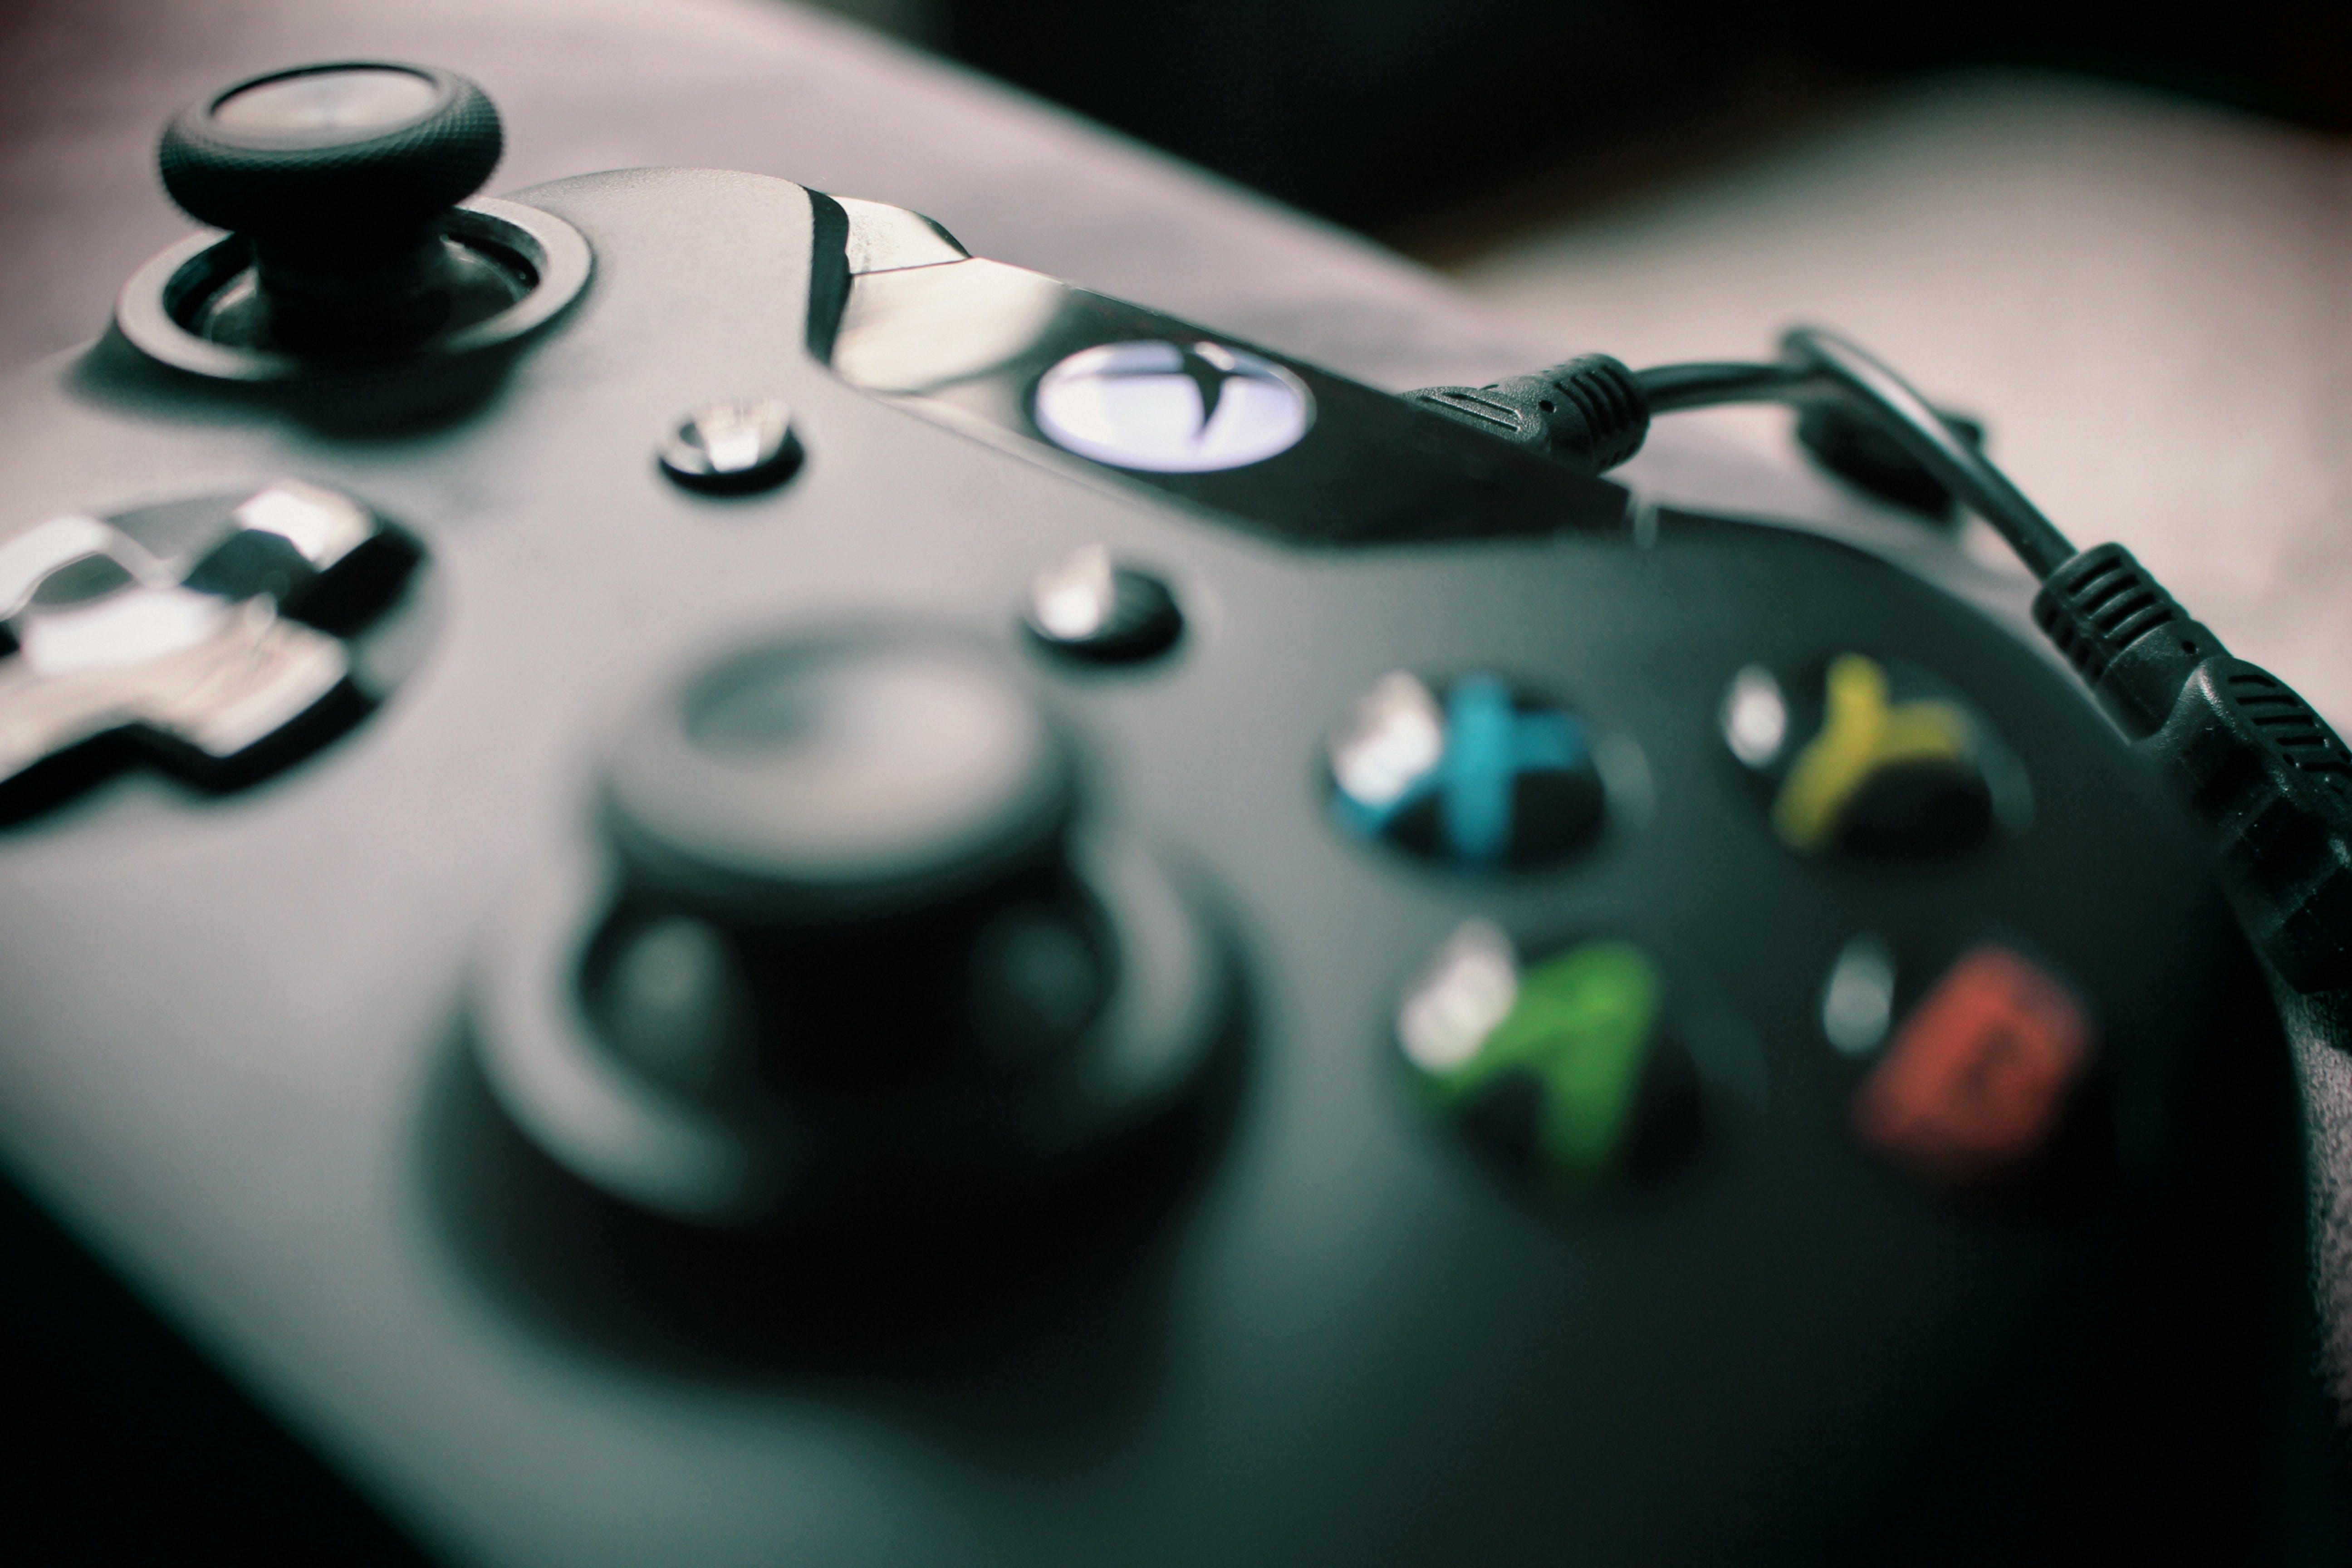 Closeup Photography Xbox One Black Controller